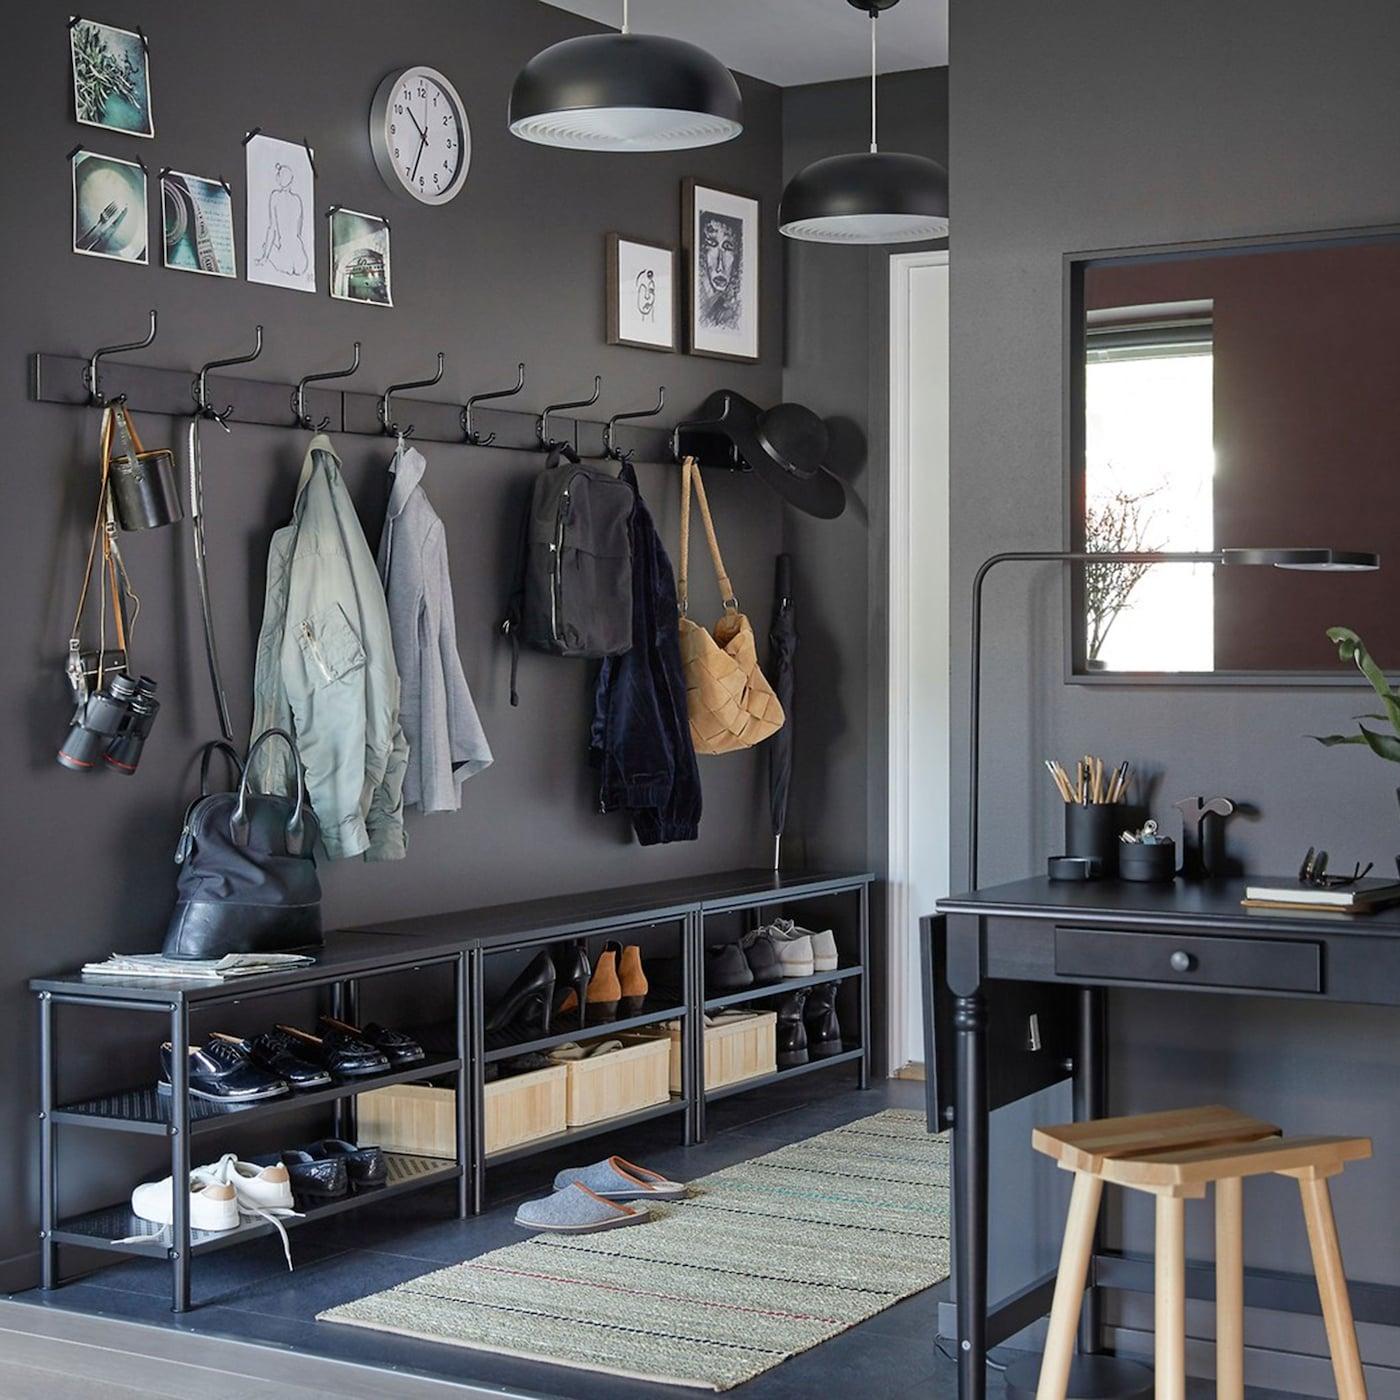 Ein schmaler Flur mit drei PINNIG Bänken mit Schuhablage in Schwarz, drei PINNIG Haltern mit 3 Haken in Schwarz und INGATORP Schreibtisch in Schwarz